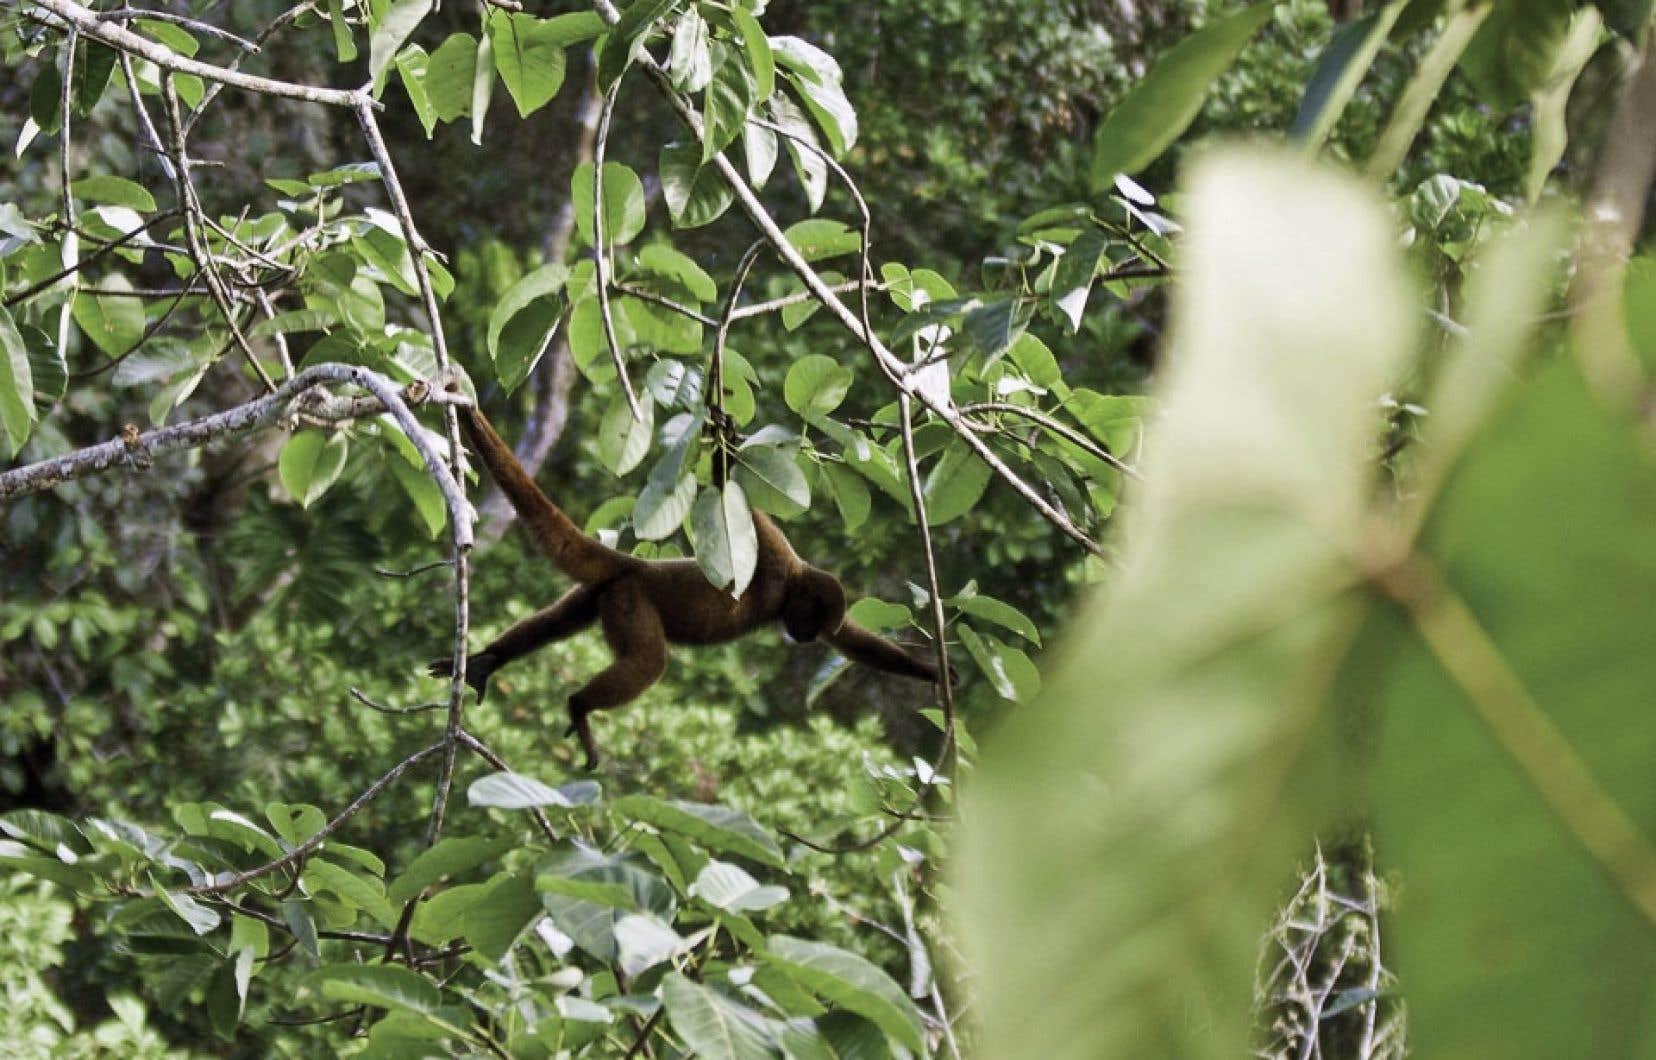 En plus de contenir la plus grande réserve de pétrole de l'Équateur, le parc Yasuni abrite plus de 200 espèces de mammifères, 250 espèces de poissons et au moins 4000 espèces de plantes à fleurs et d'arbres.